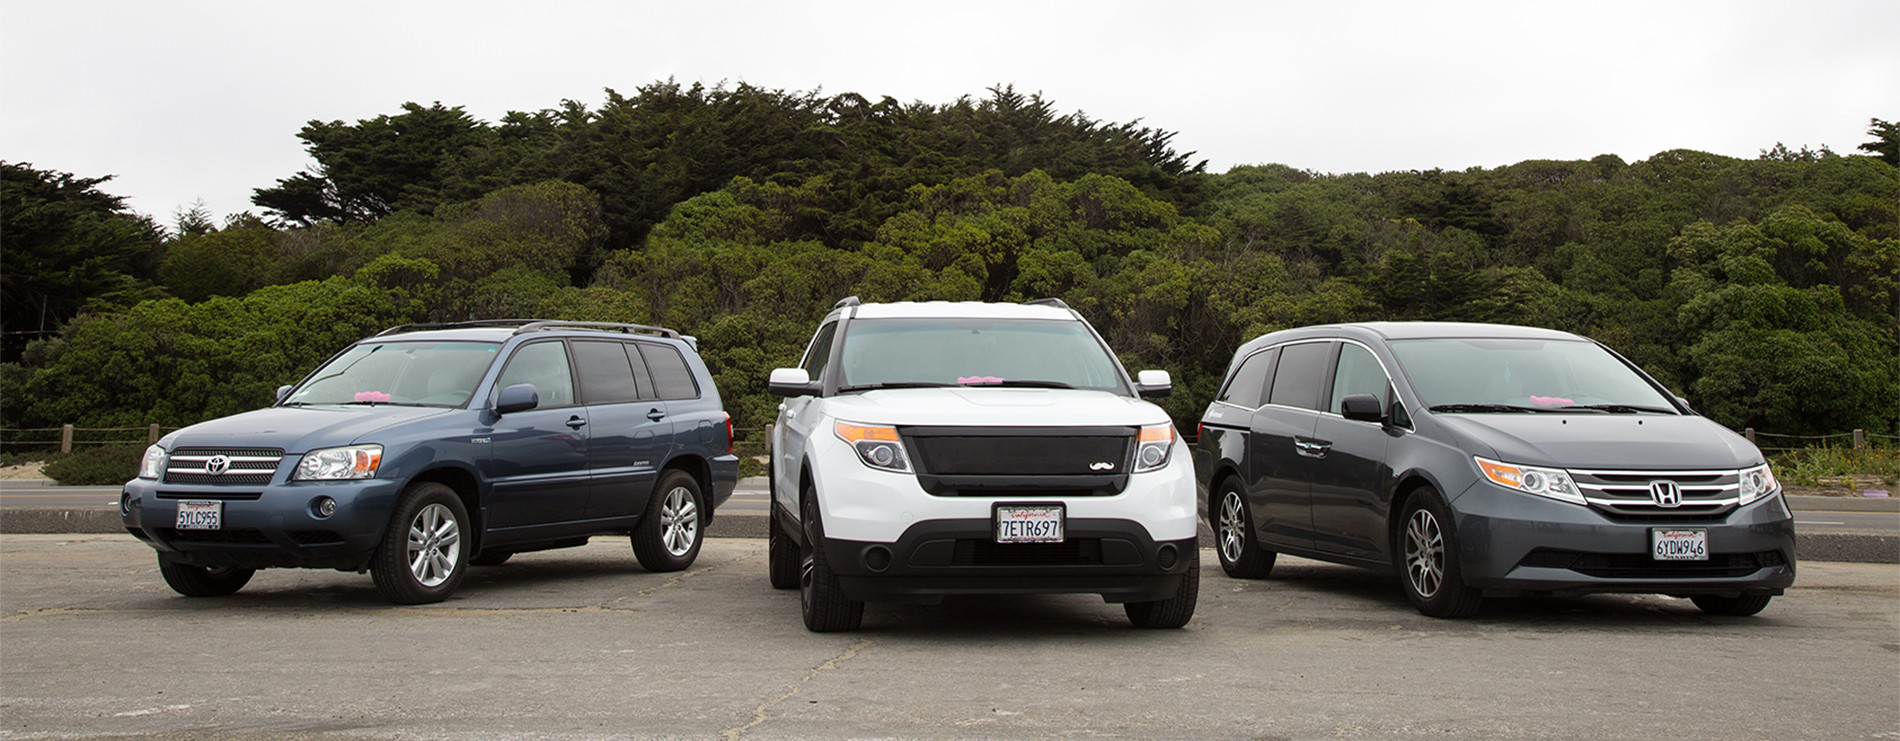 3-car-outdoors